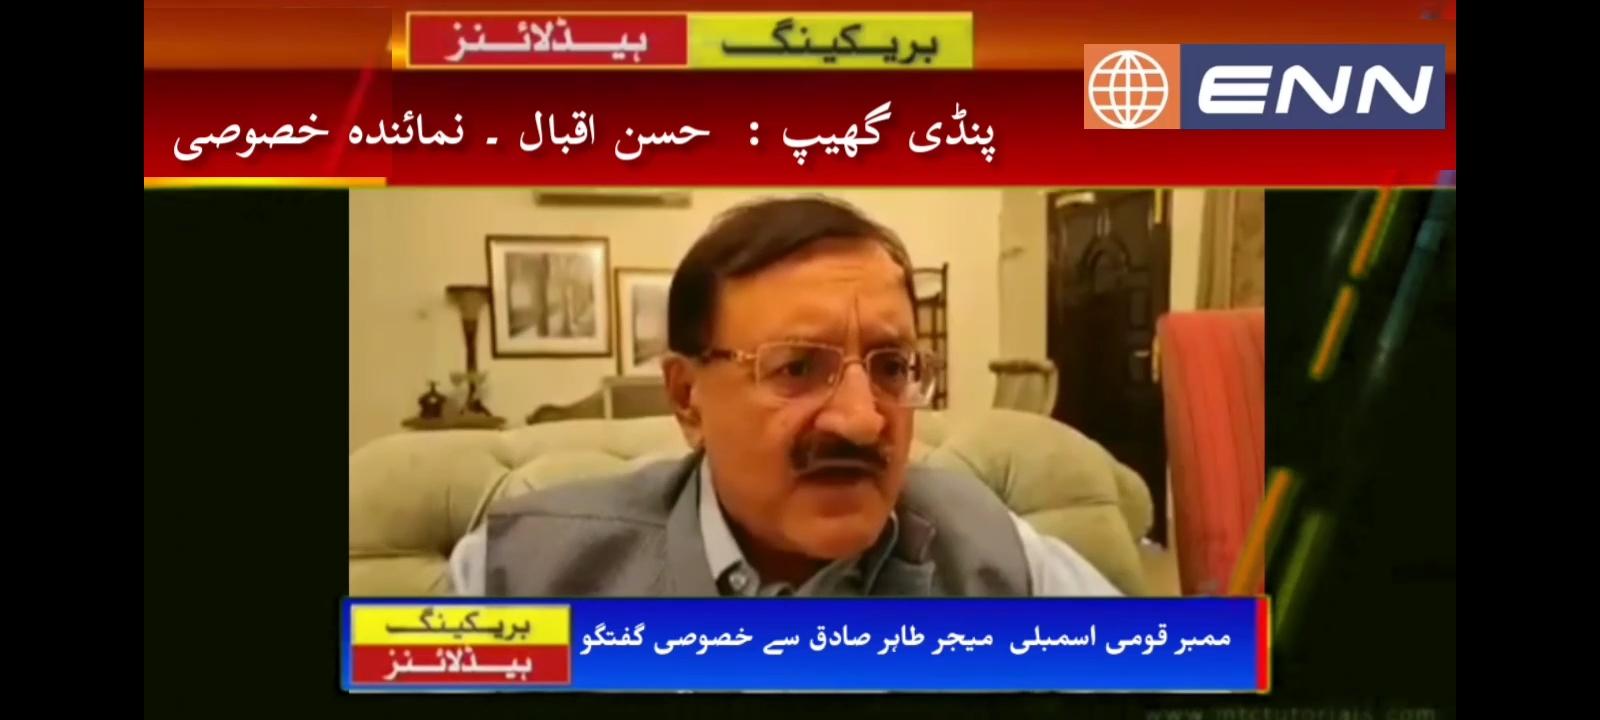 ممبر قومی اسمبلی  میجر طاہر صادق سے خصوصی گفتگو